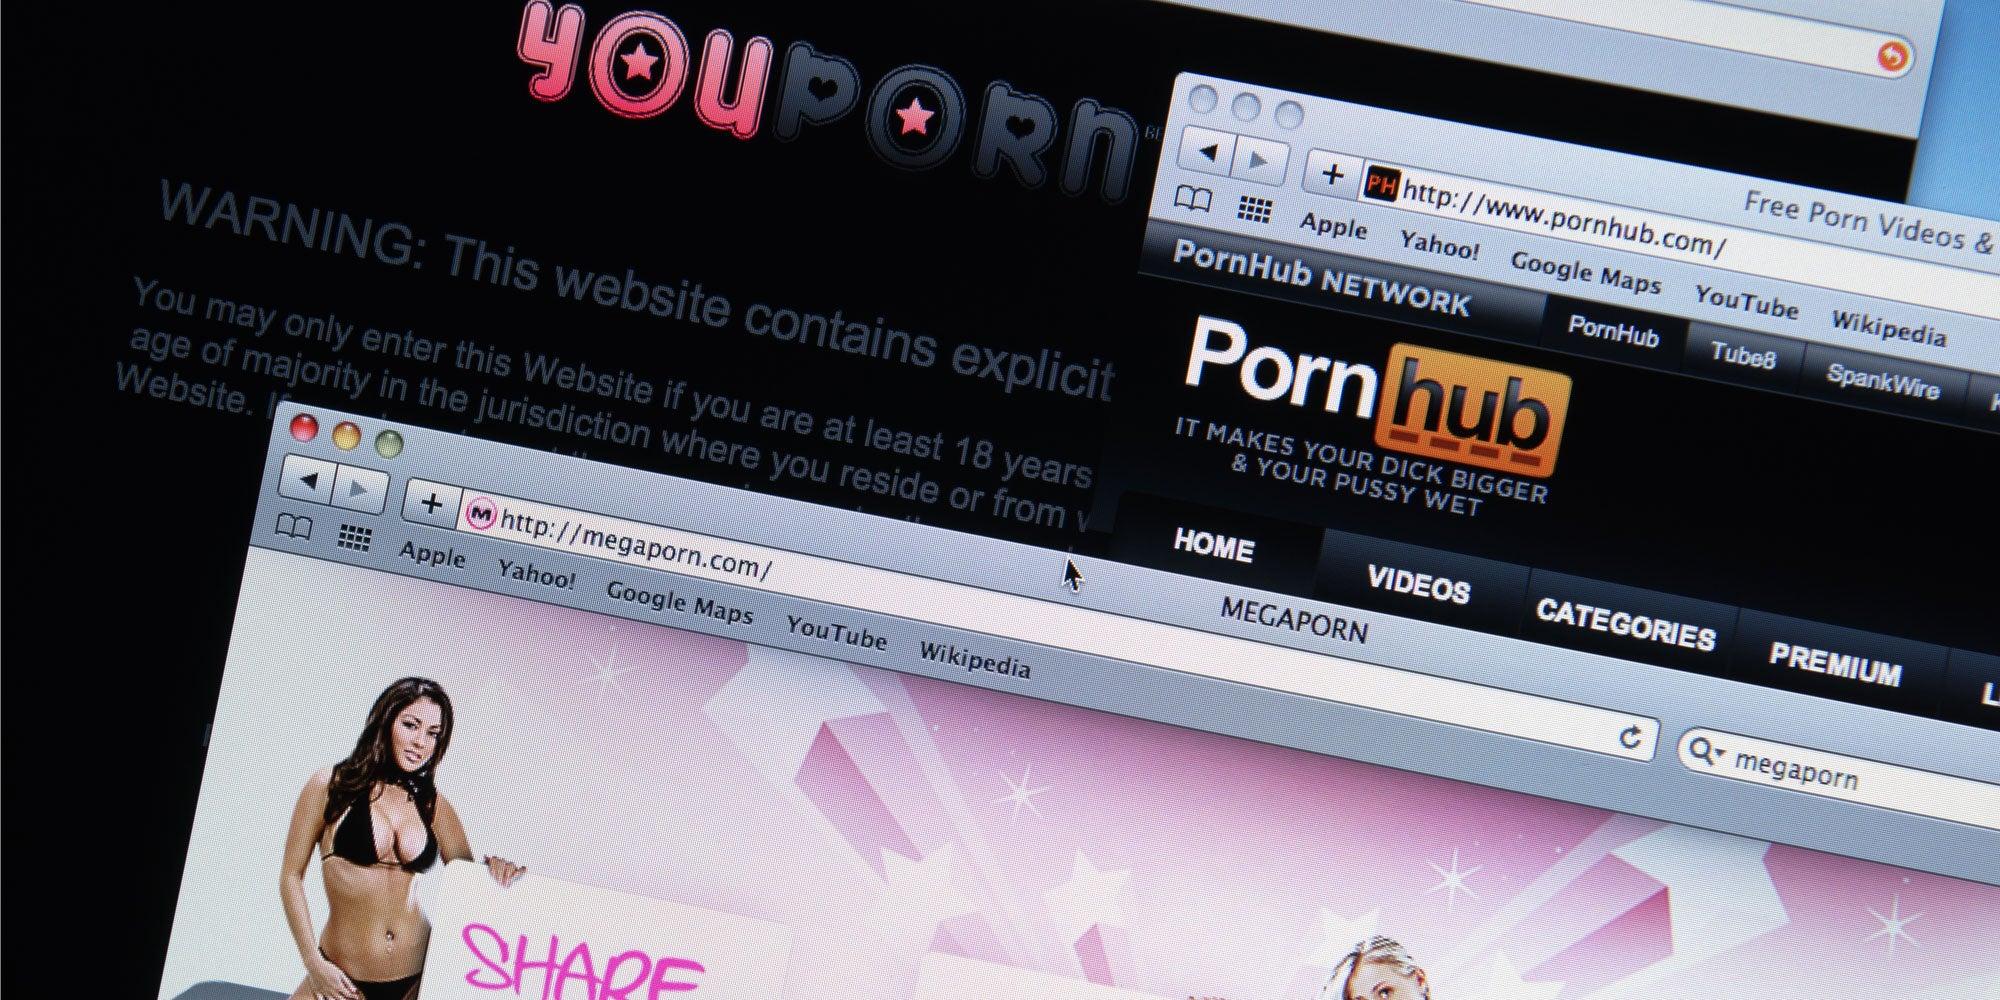 Free porn site hosting — 11